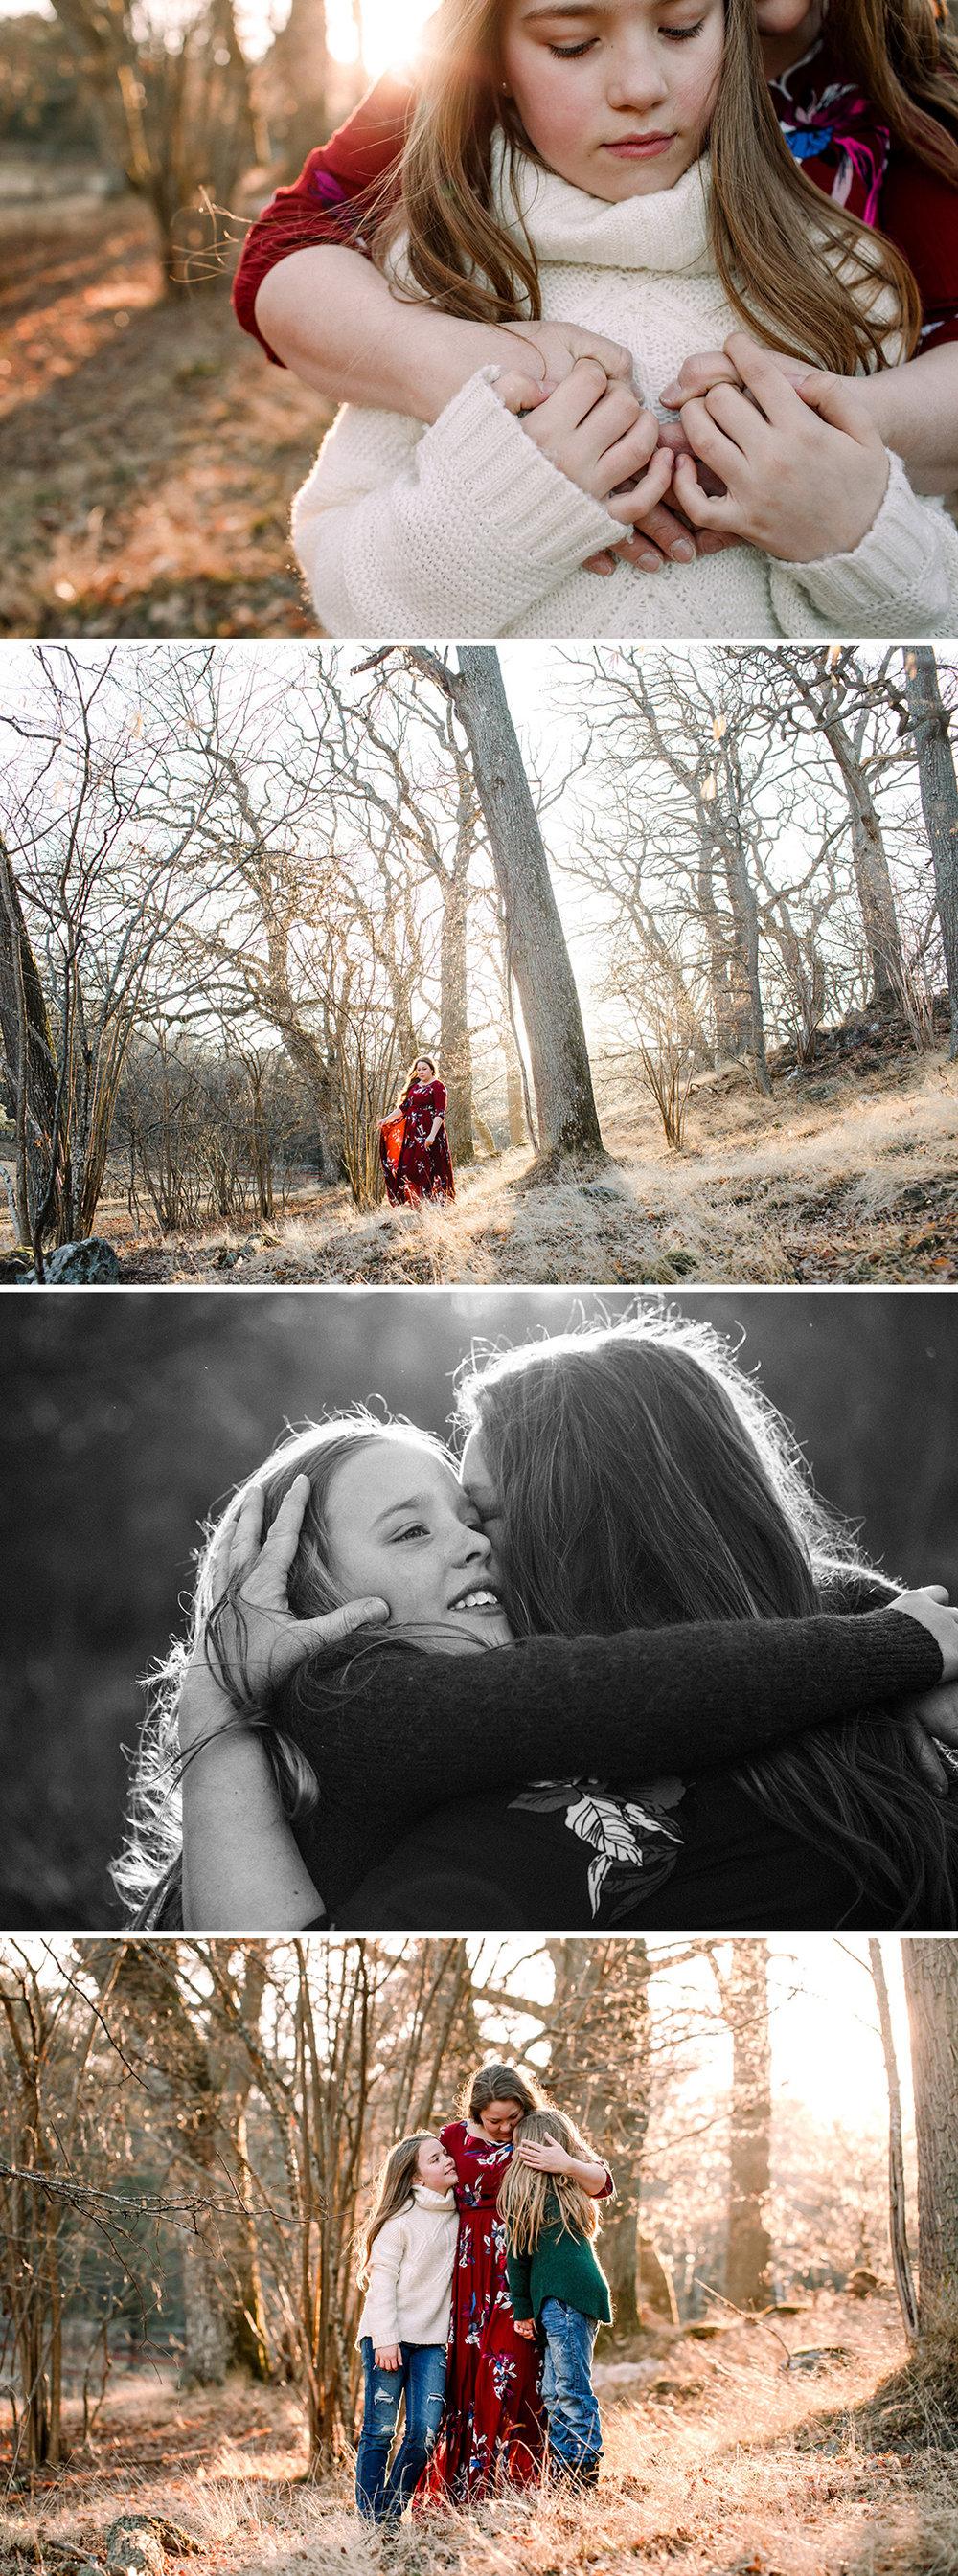 Mellanarstid_familjefotografering_Stockholm_1.jpg